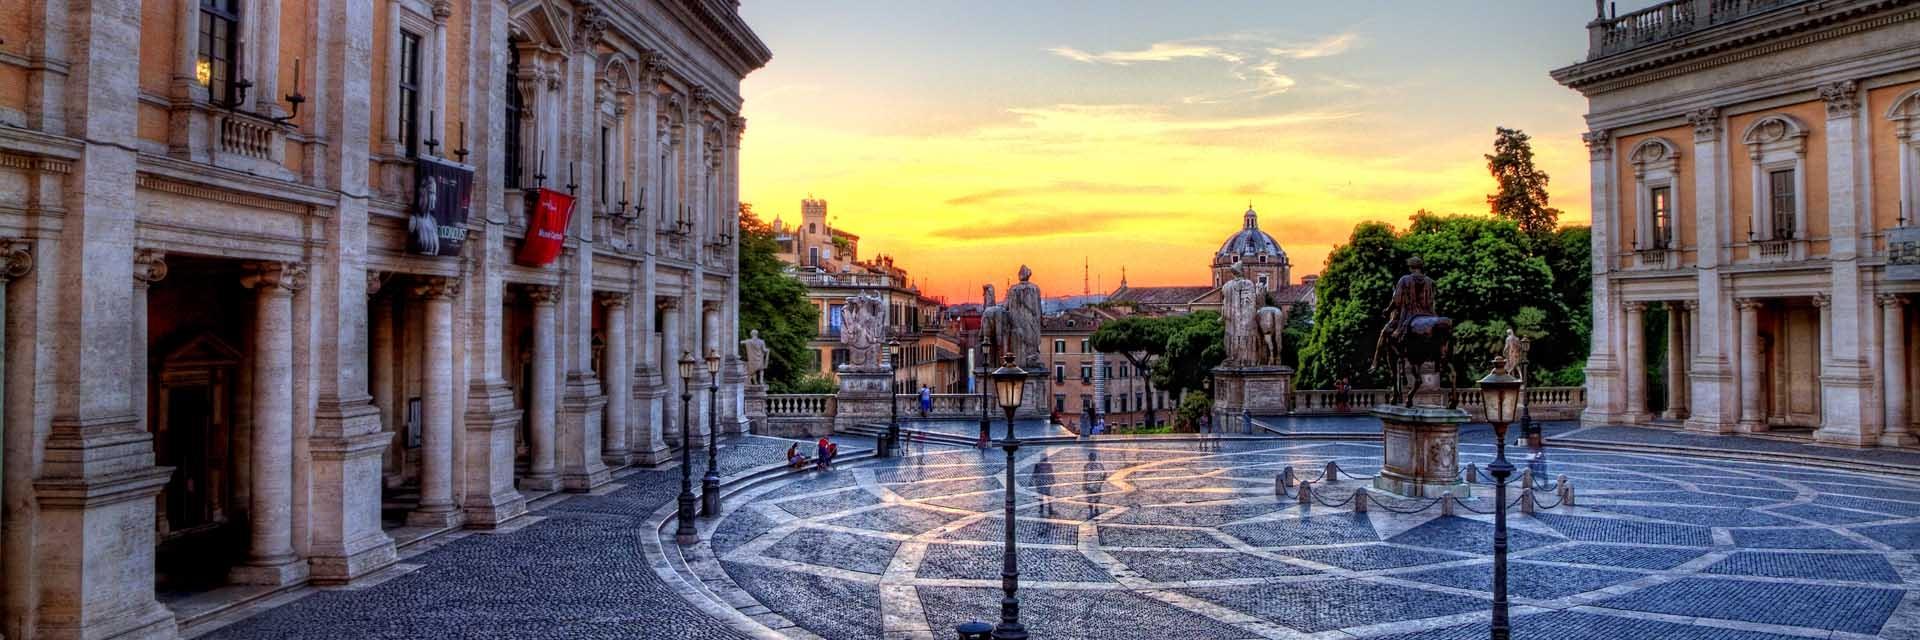 ايطاليا روما اهم الاماكن السياحيه هضبة كابيتولين